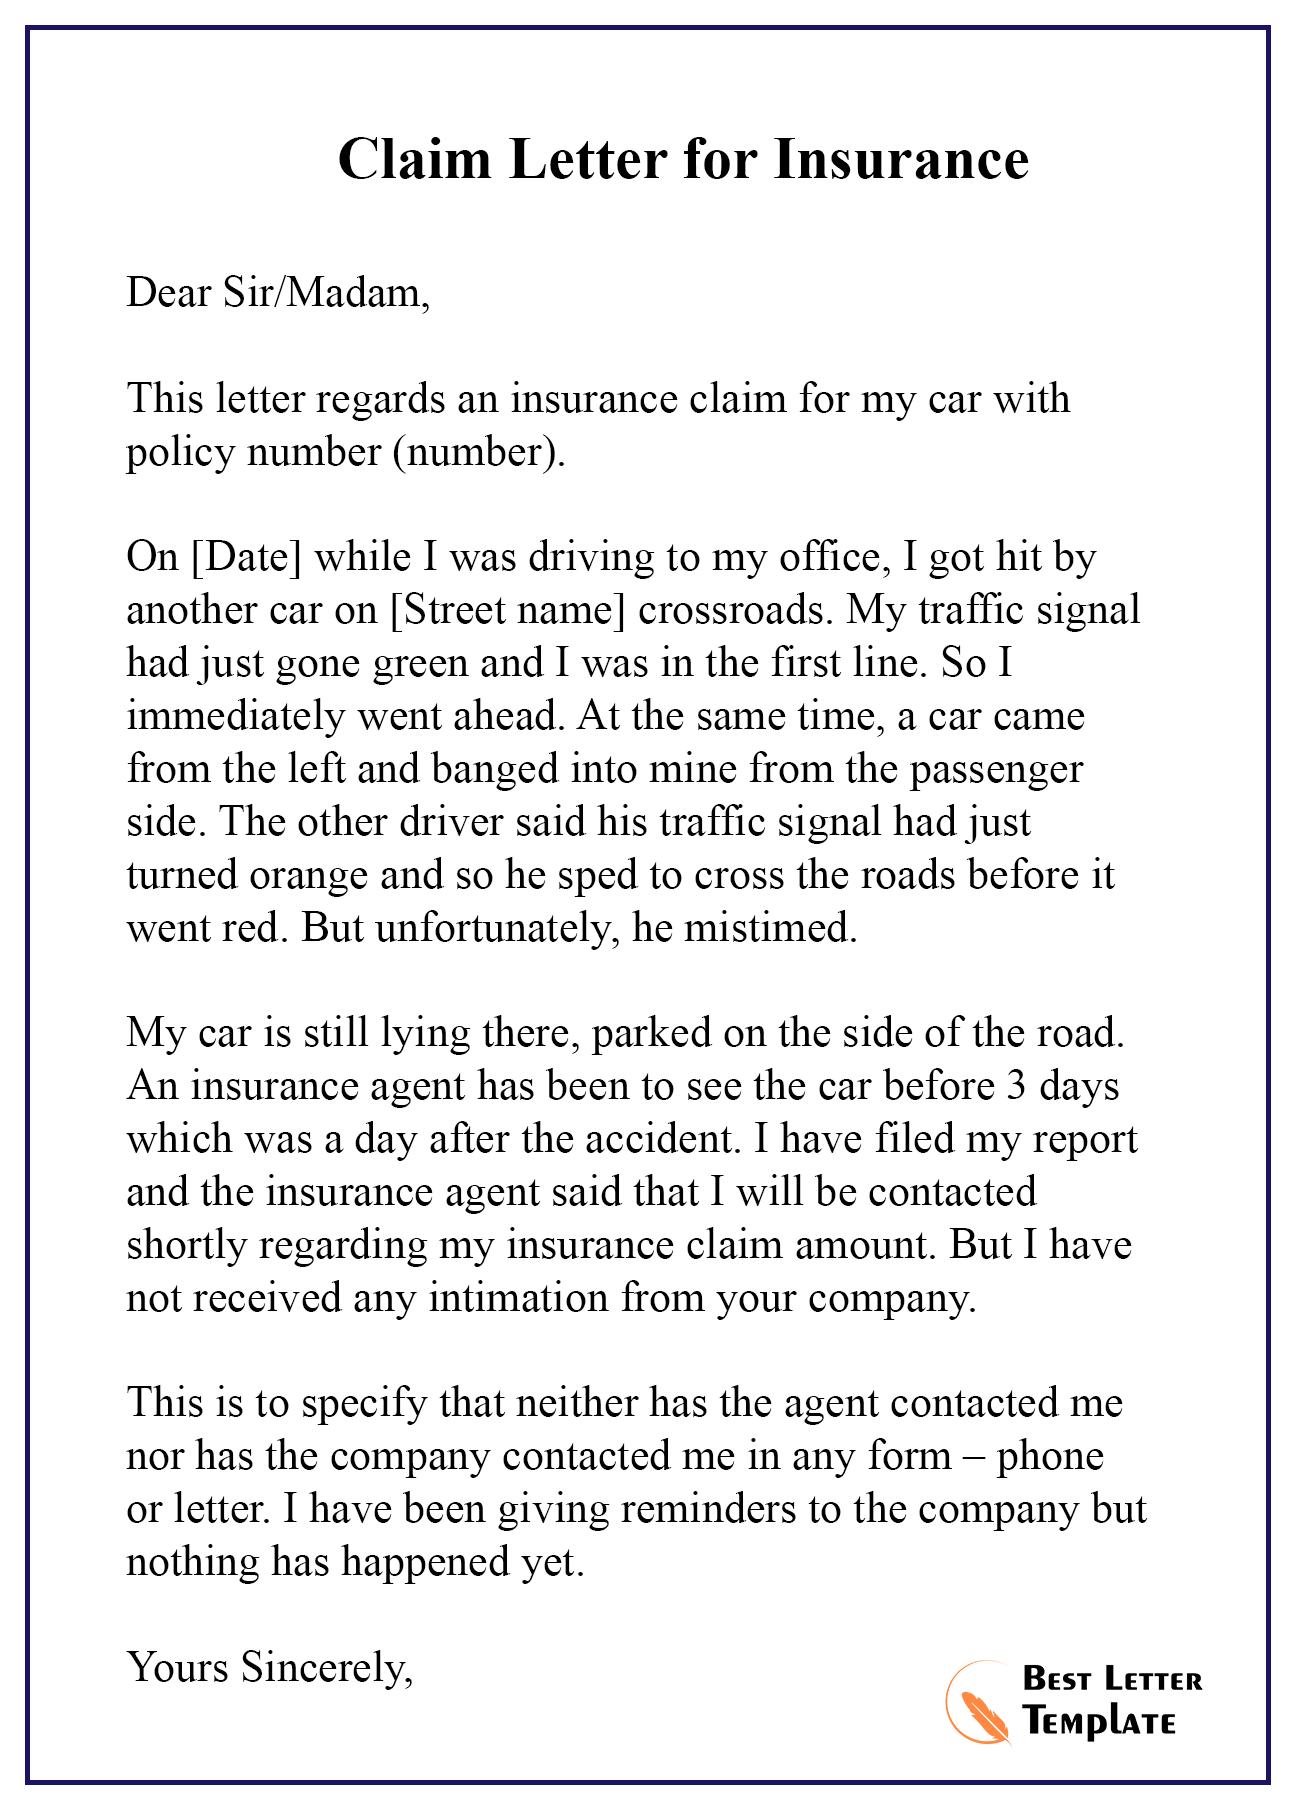 Claim-Letter-for-Insurance - Best Letter Template